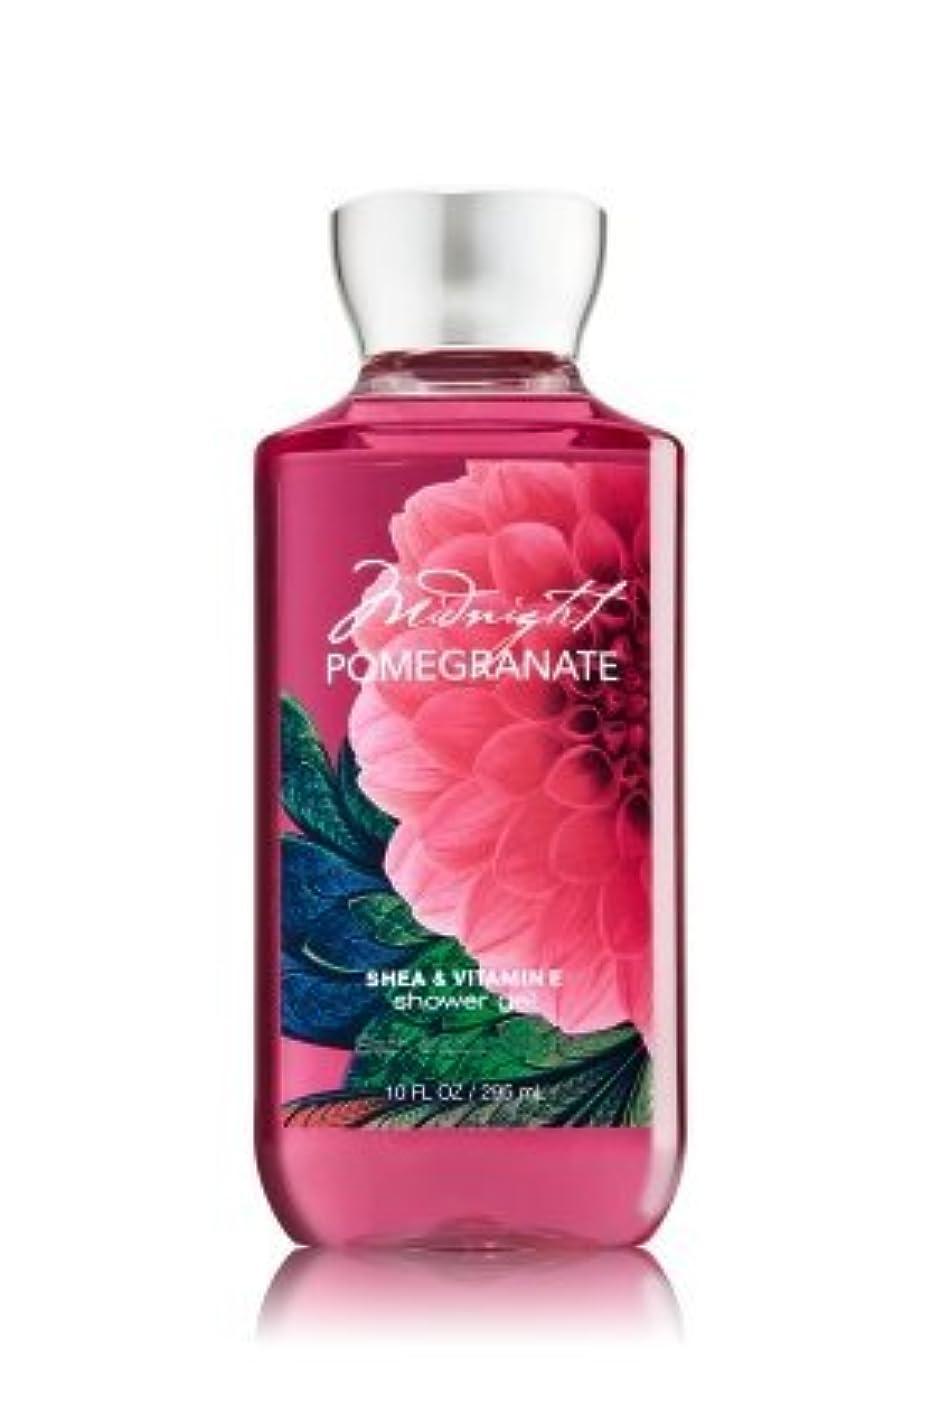 逆保護する収穫【Bath&Body Works/バス&ボディワークス】 シャワージェル ミッドナイトポメグラネート Shower Gel Midnight Pomegranate 10 fl oz / 295 mL [並行輸入品]